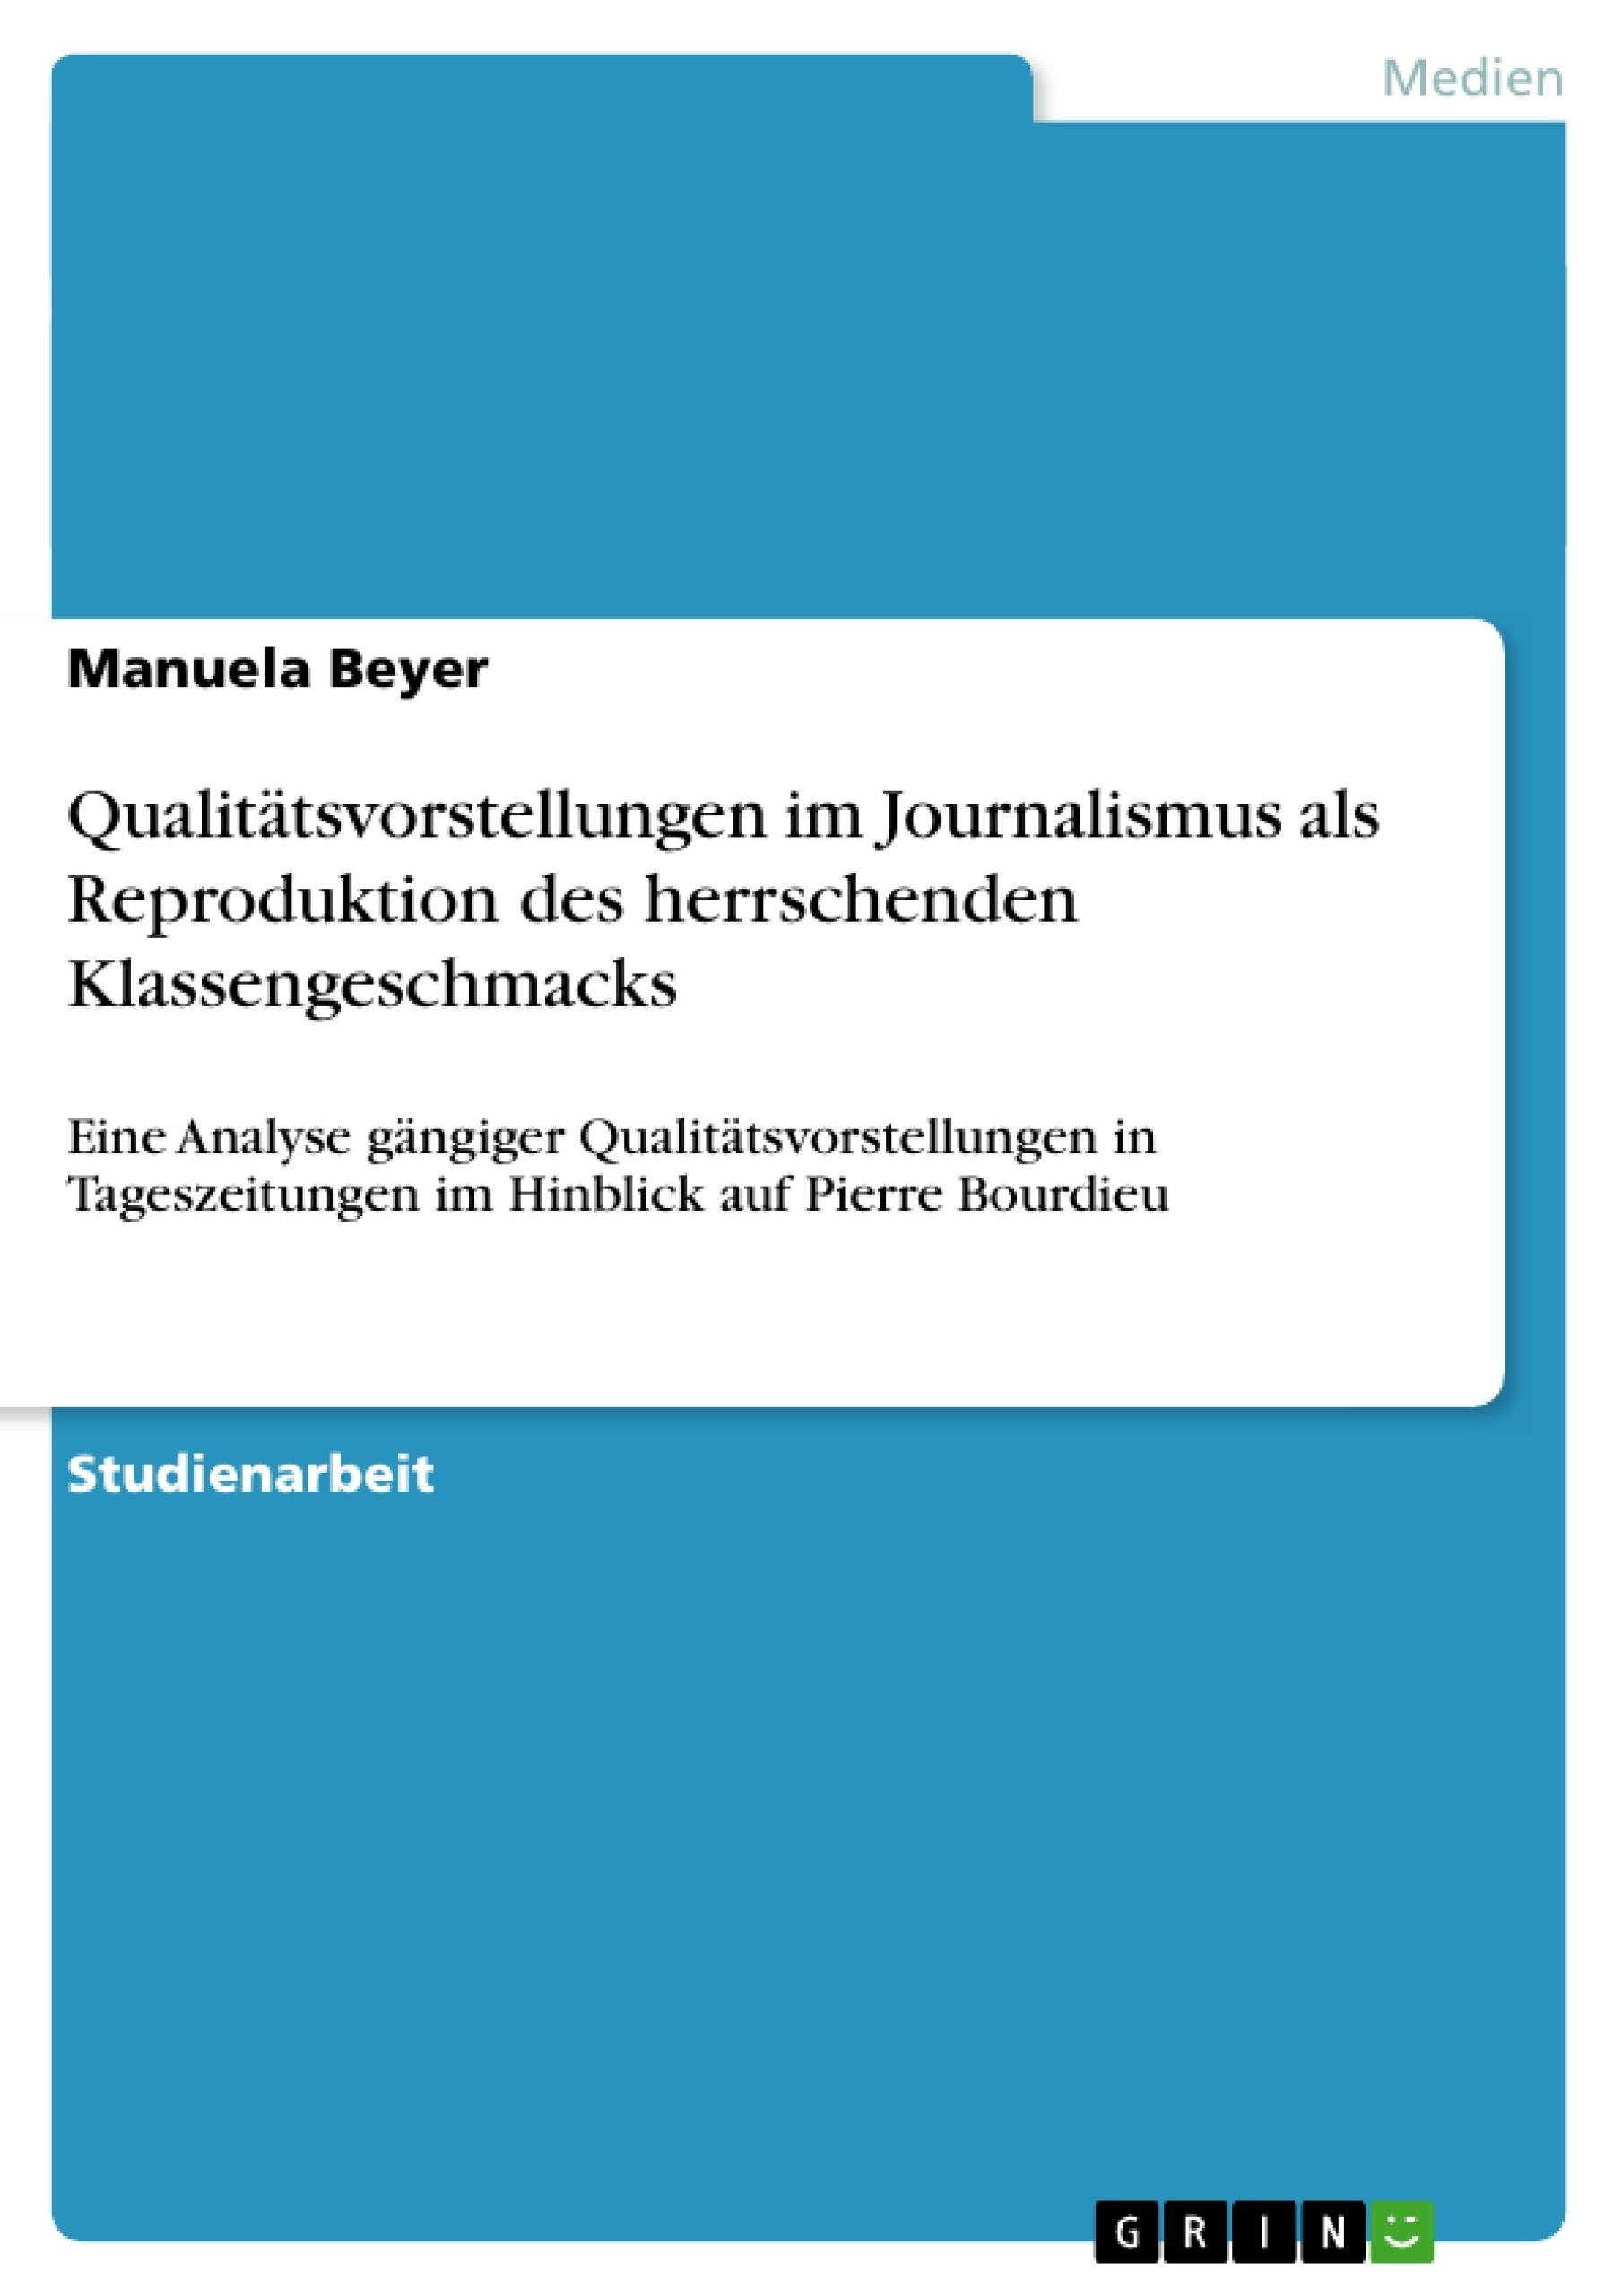 Titel: Qualitätsvorstellungen im Journalismus als Reproduktion des herrschenden Klassengeschmacks